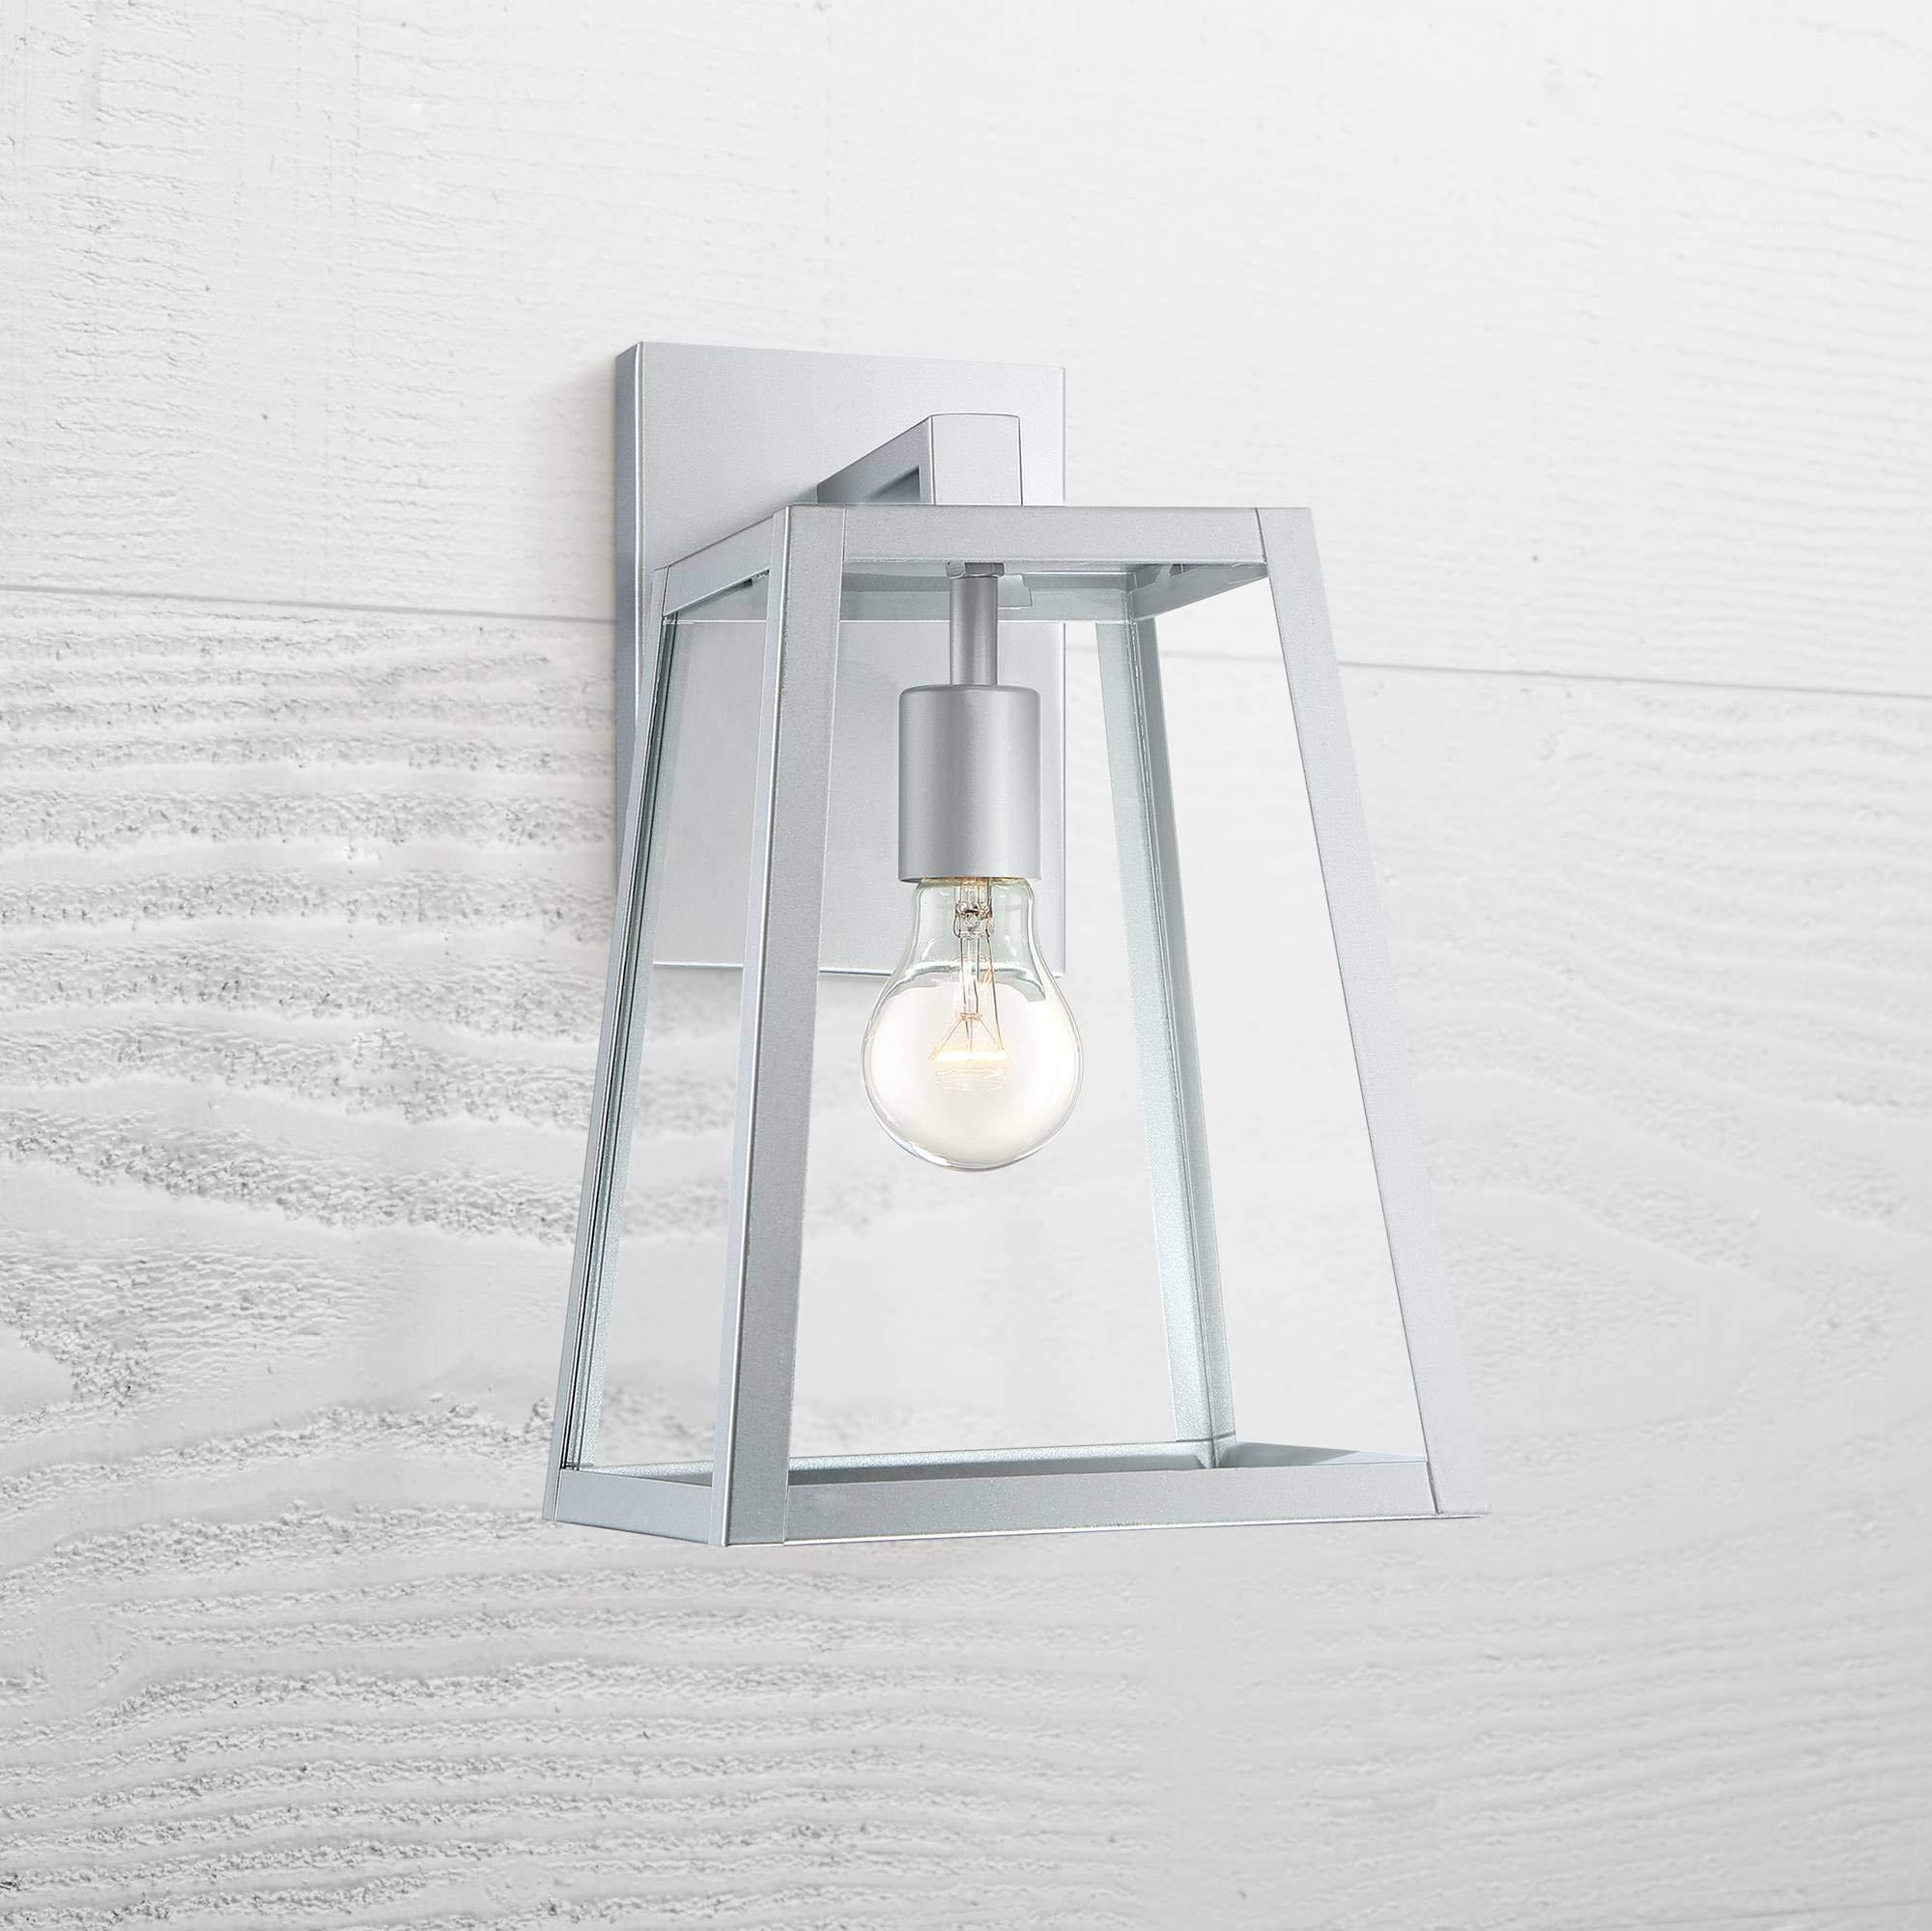 Arrington Modern Outdoor Wall Light Fixture Sleek Silver Steel 13'' Clear Glass for Exterior House Porch Patio Deck - John Timberland